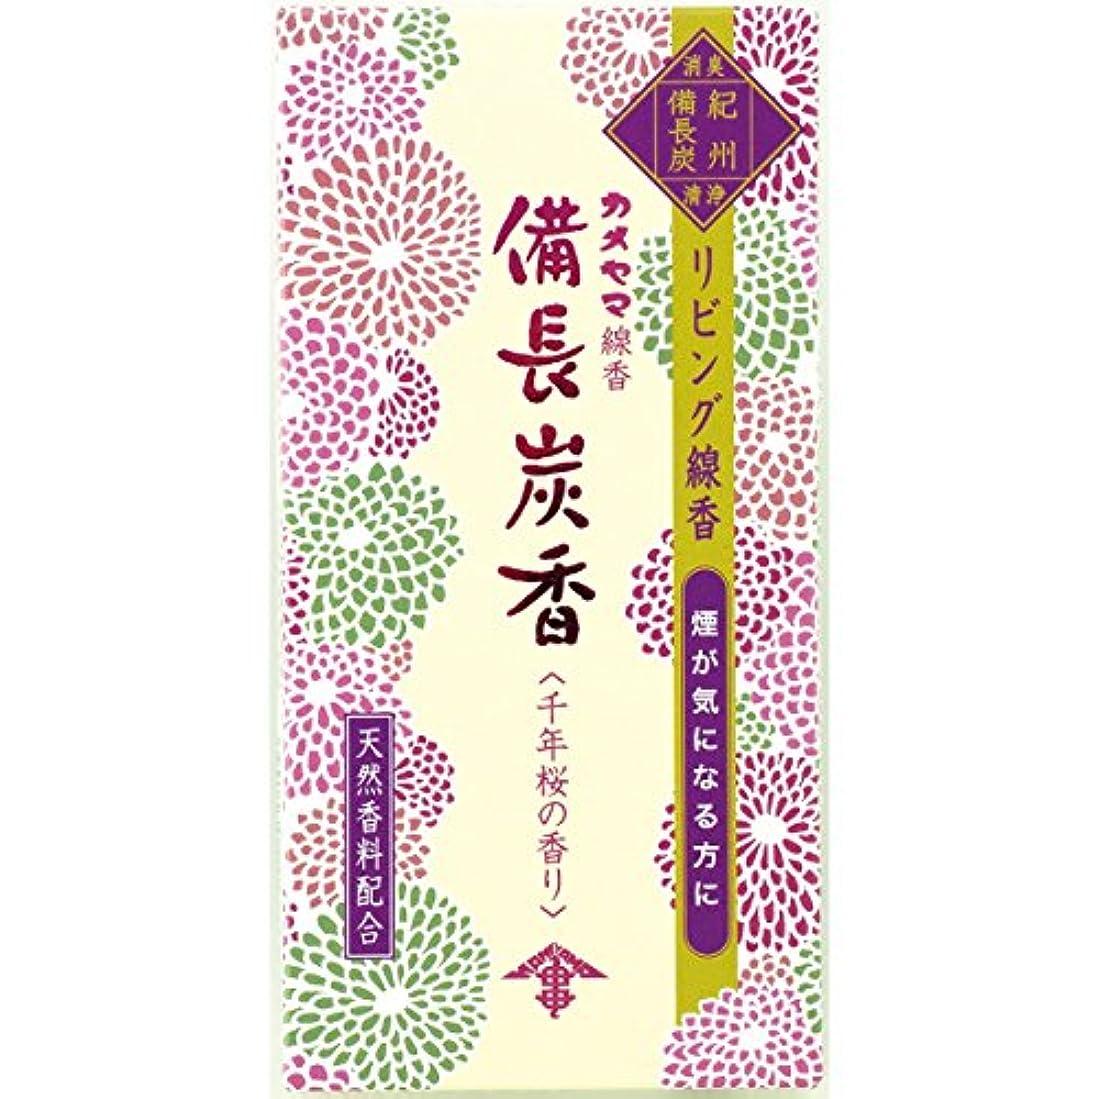 不一致ネックレス害虫花げしき 備長炭香 千年桜の香り